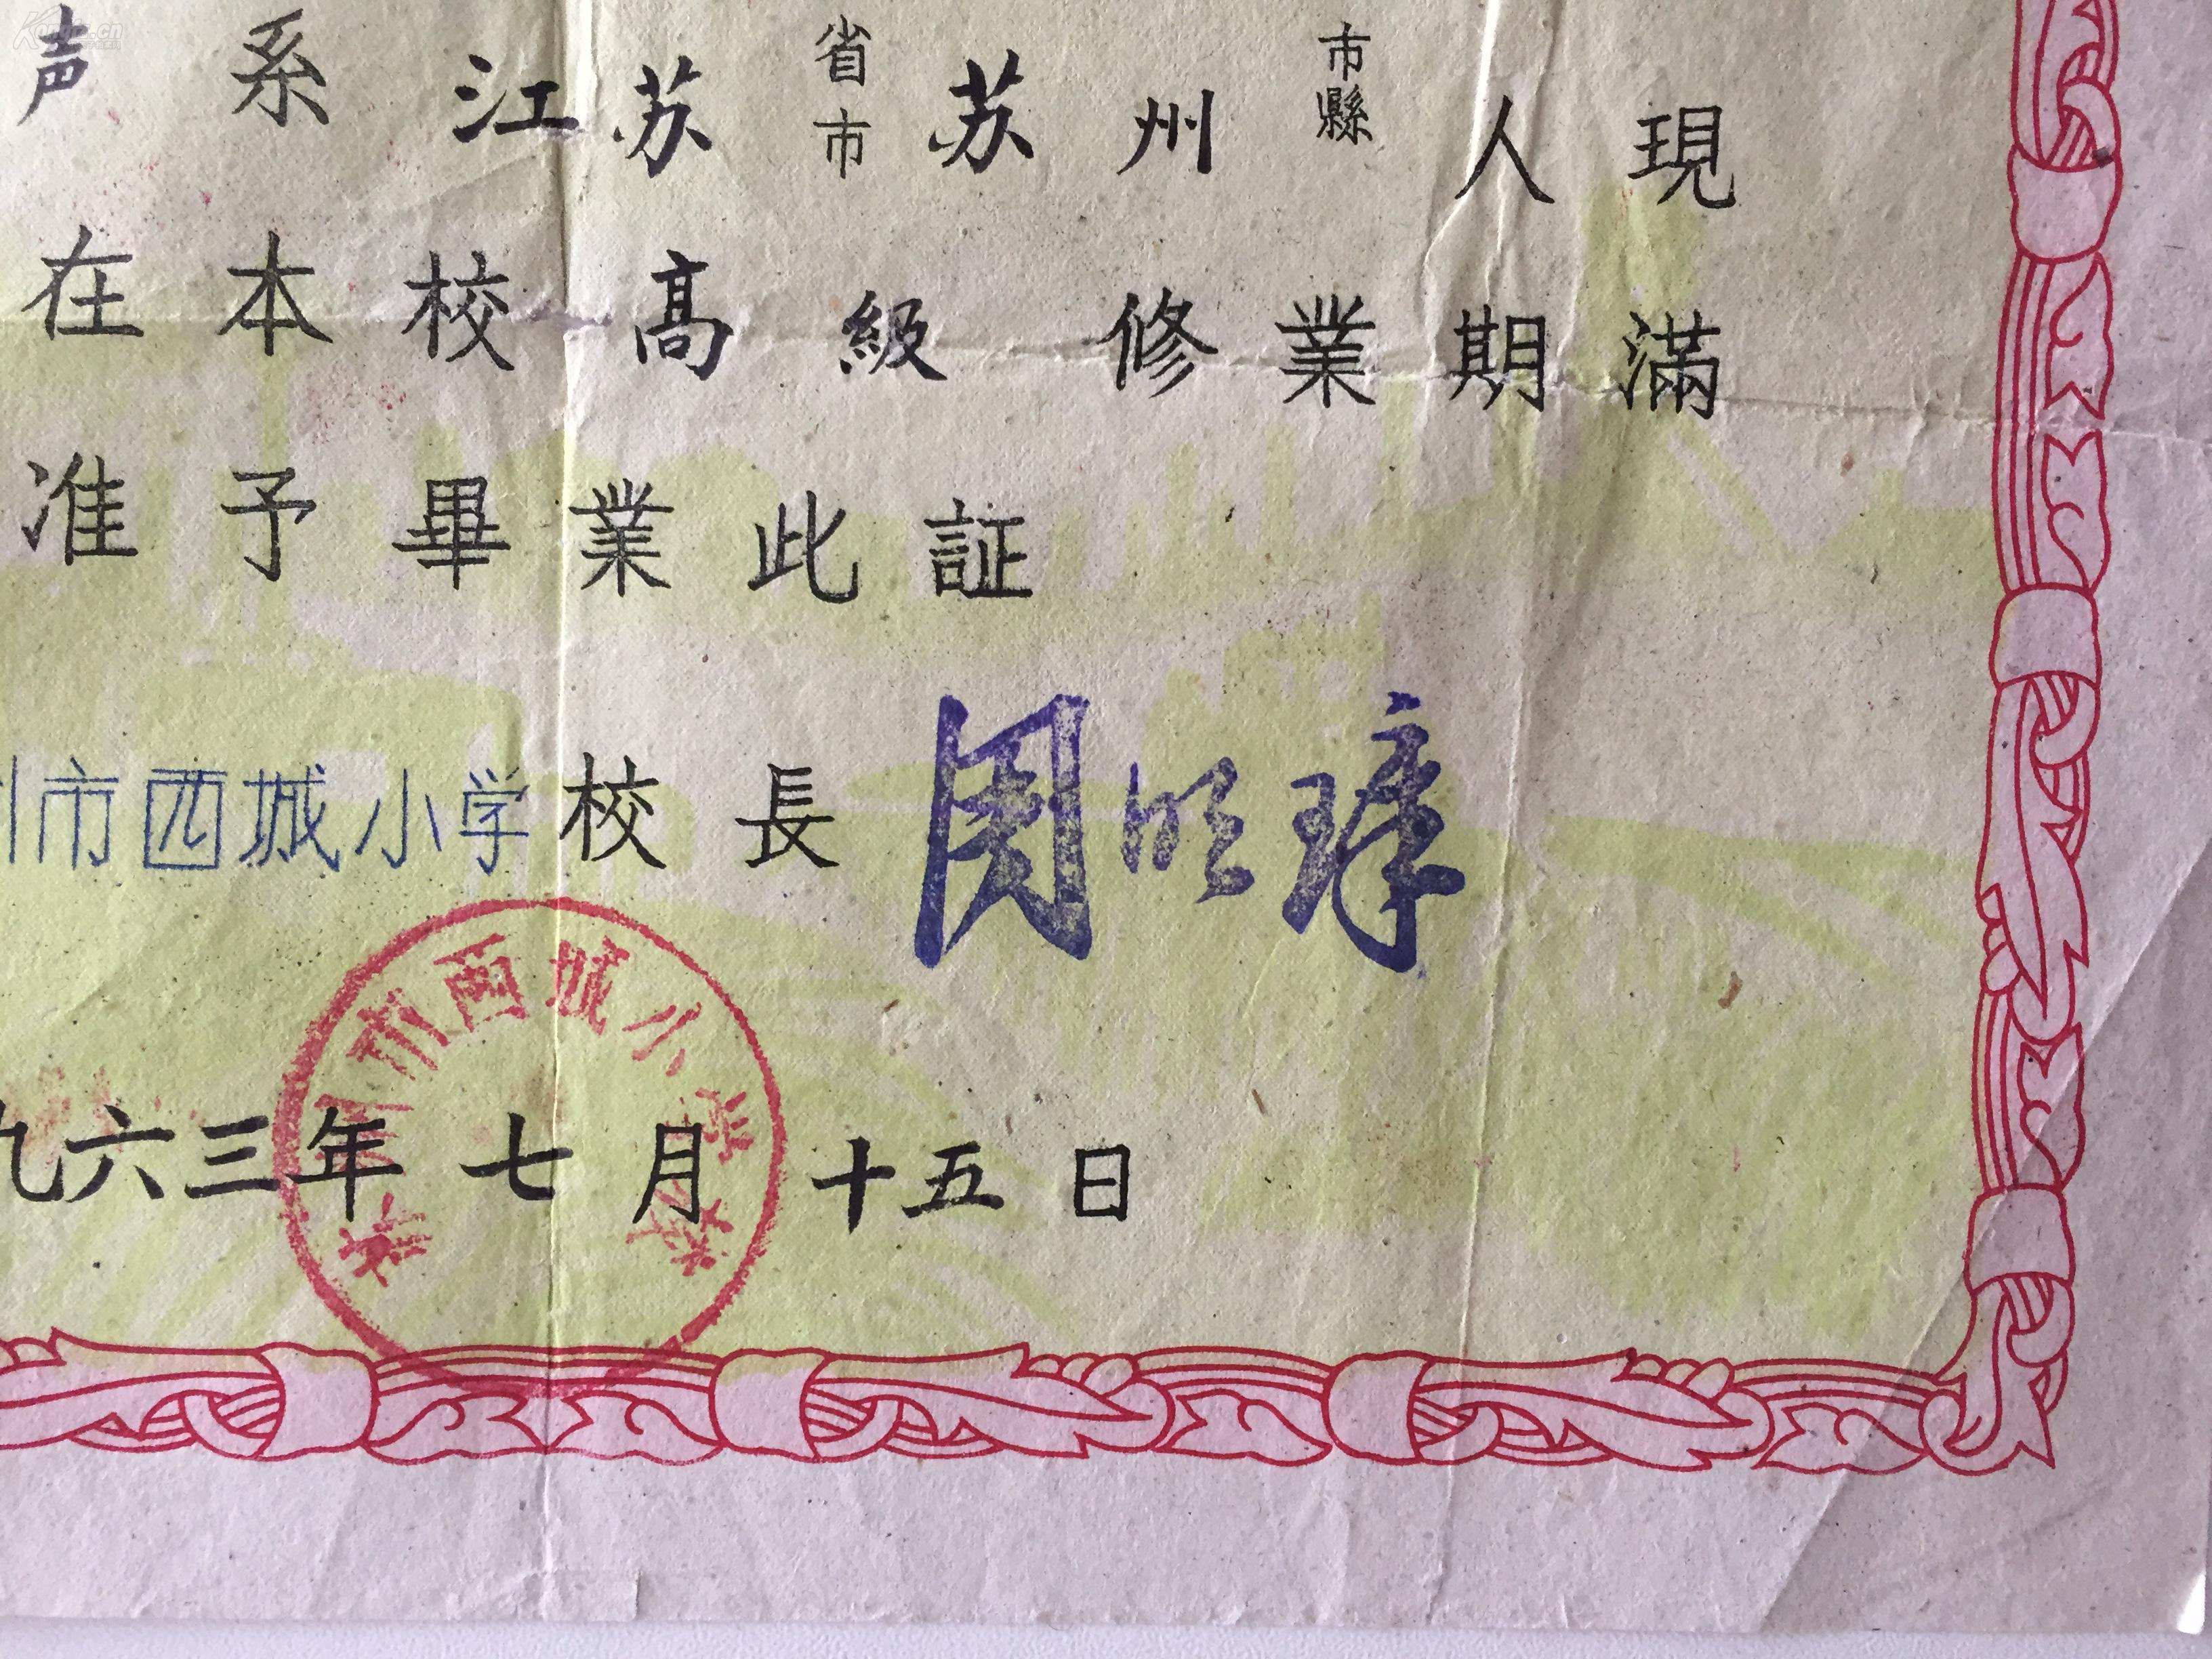 1963年《苏州市西城证书贴有小学》毕业学生年级自我一小学评语图片